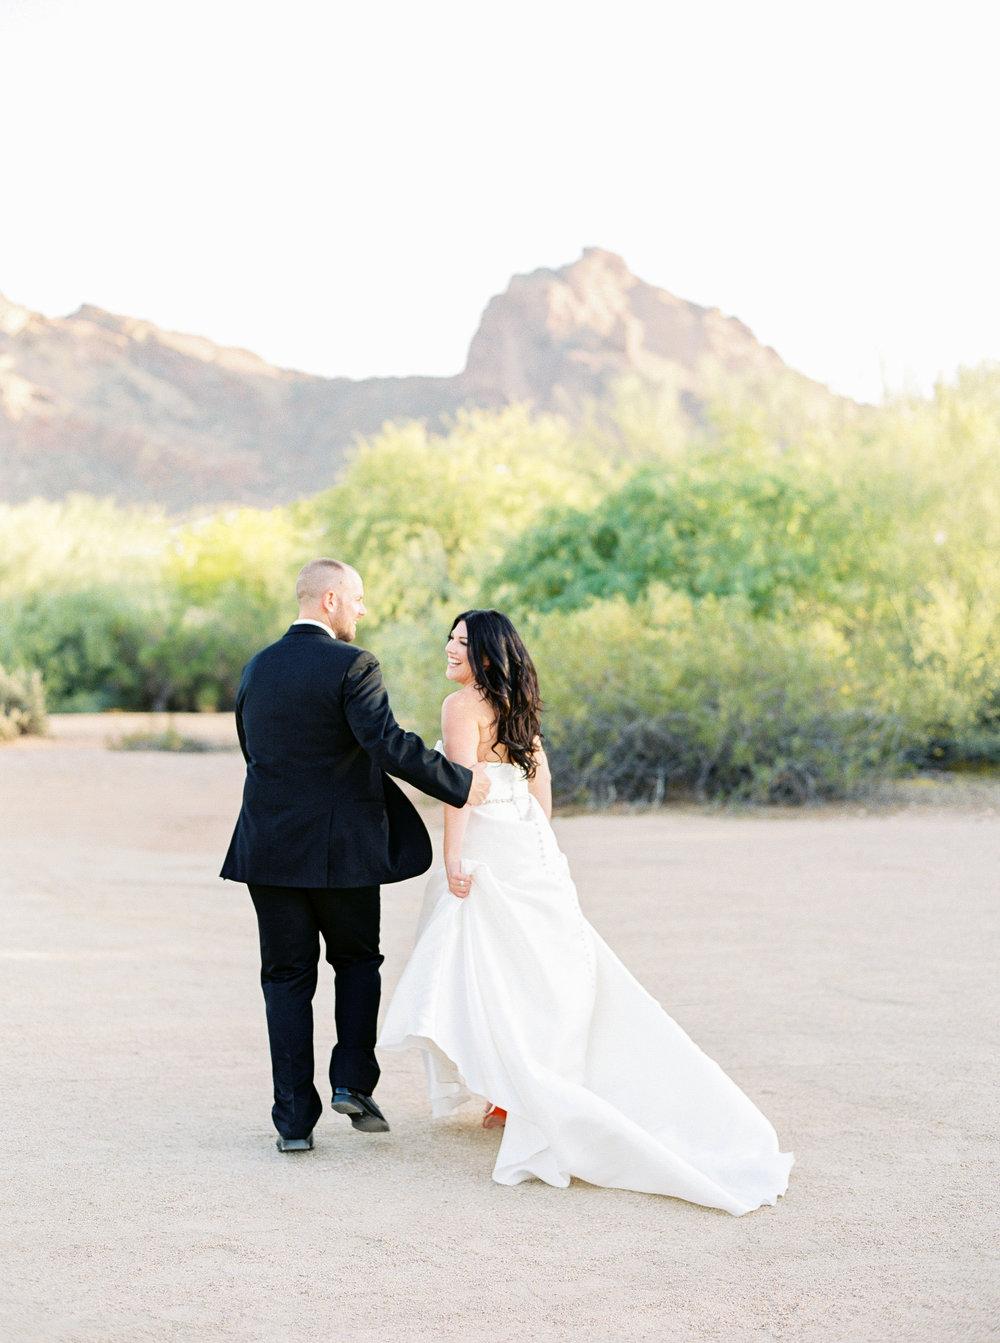 El_Chorro_Destination_Wedding_Planner_32.JPG